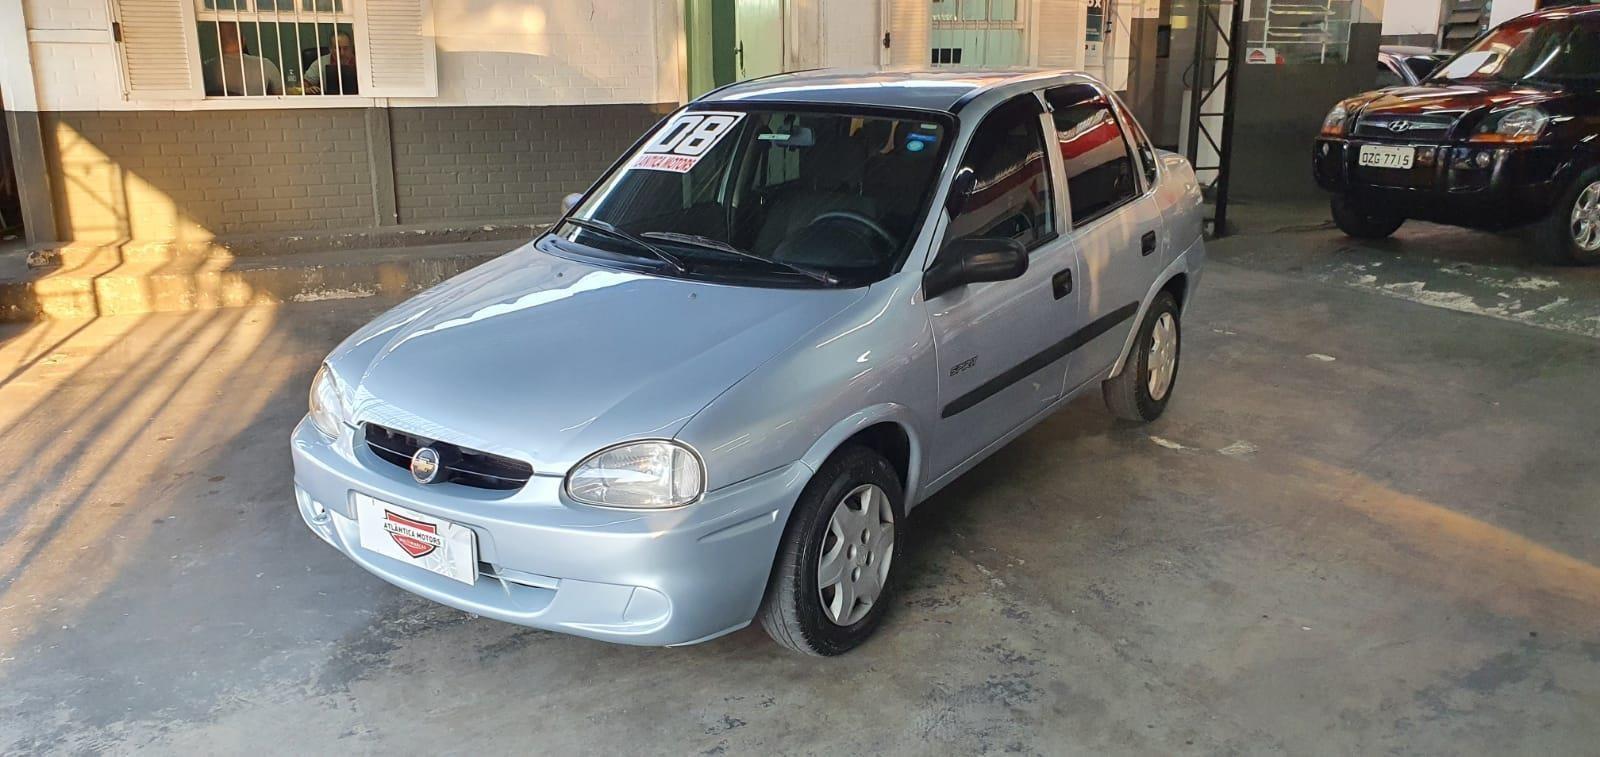 //www.autoline.com.br/carro/chevrolet/classic-10-spirit-8v-flex-4p-manual/2008/sao-paulo-sp/15523172